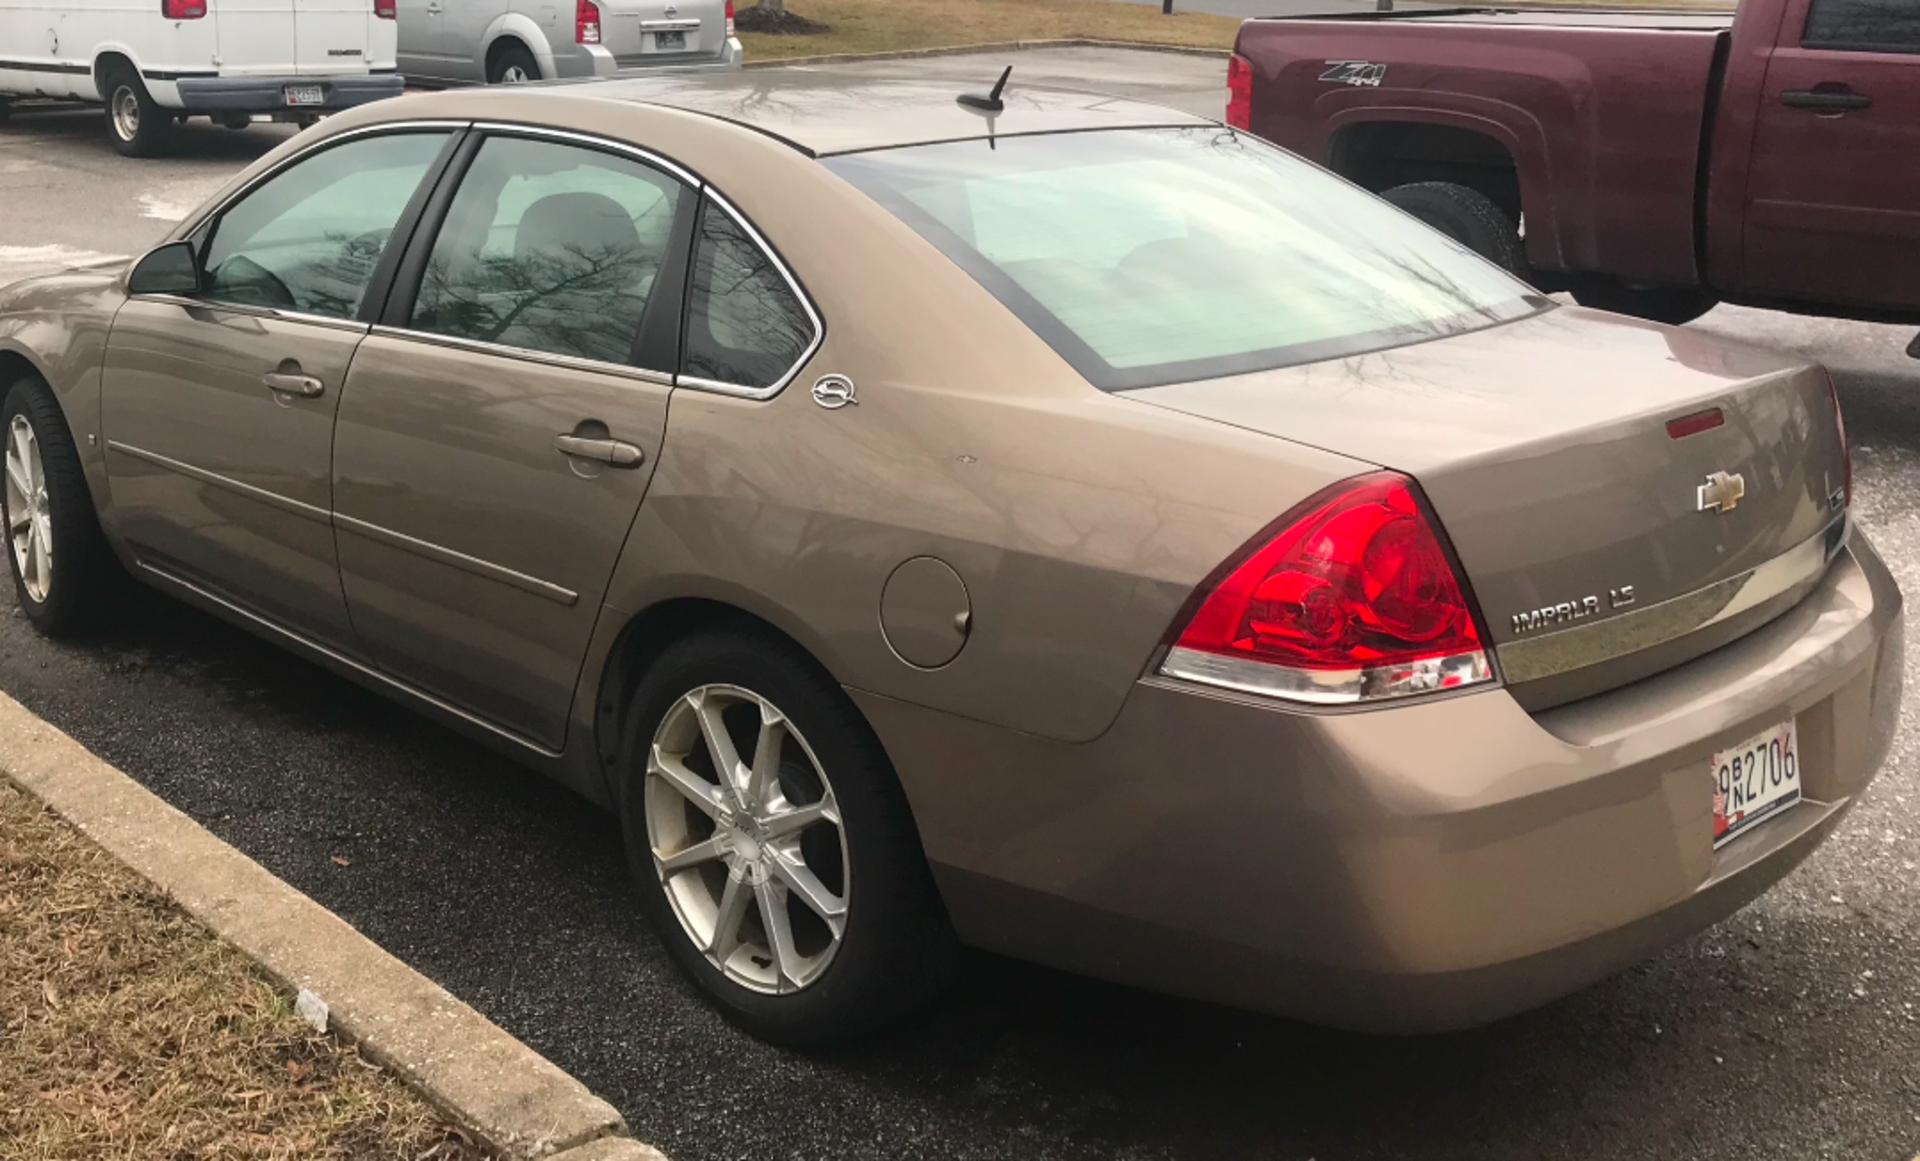 2007 Chevrolet Impala - Image 2 of 2